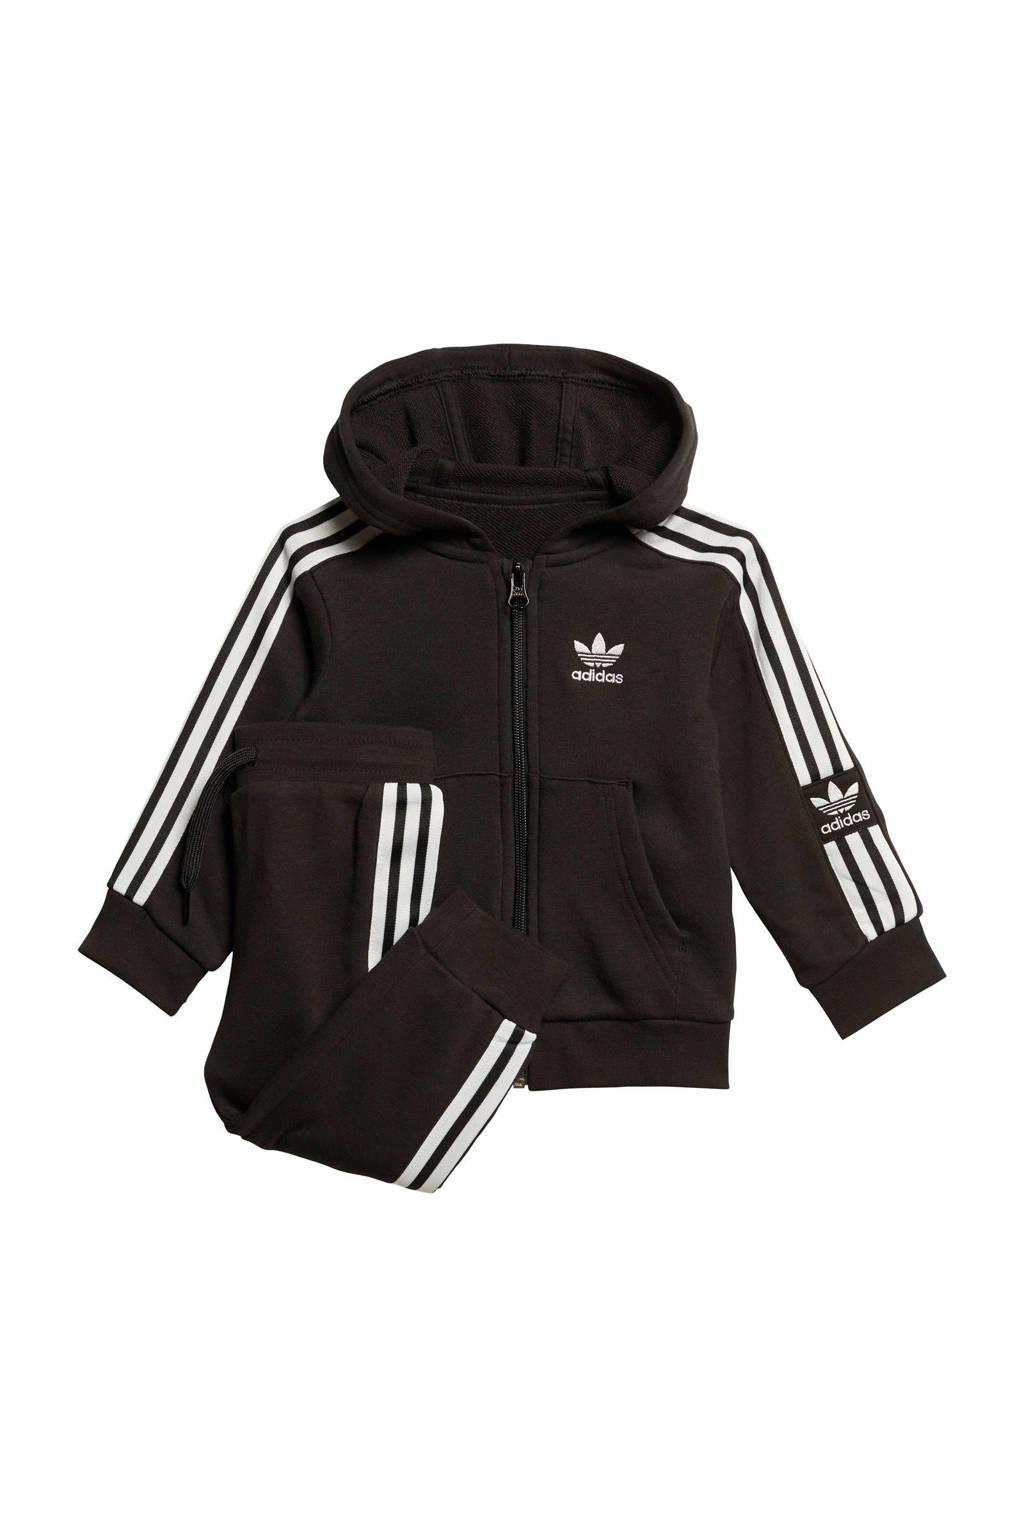 adidas Originals   joggingpak zwart, Jongens/meisjes